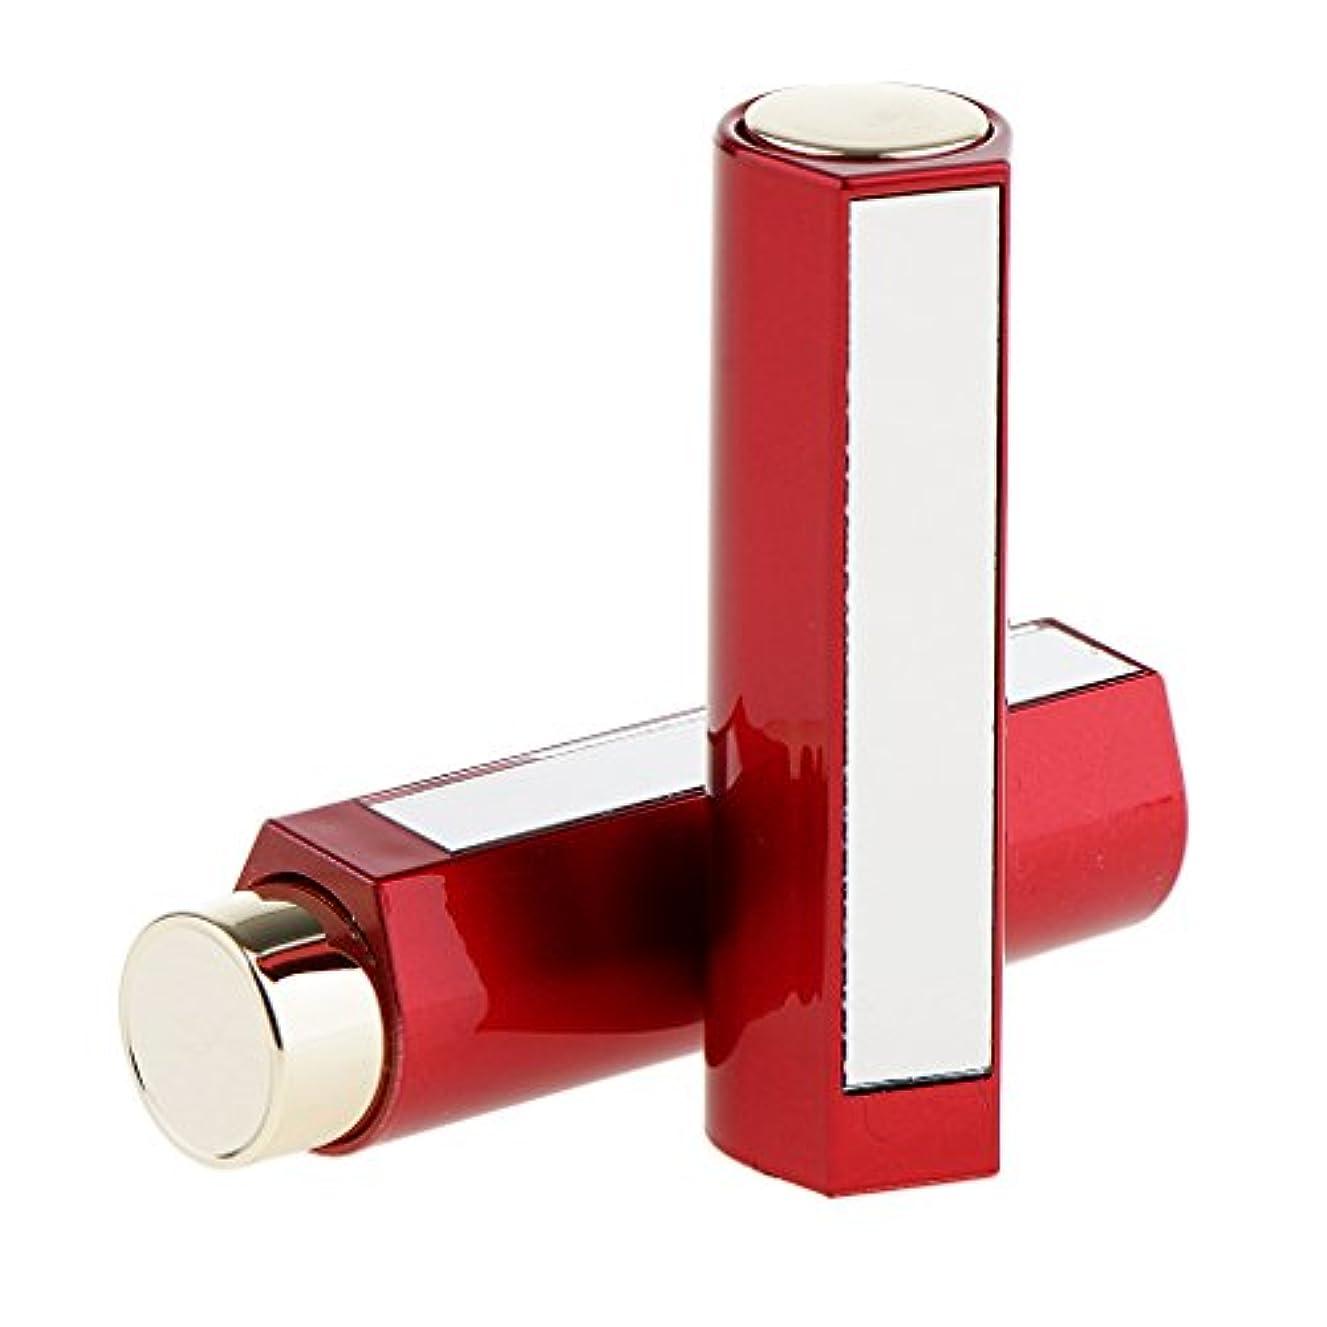 半導体書き込みキャプテン2本 空チューブ リップスティックチューブ 12.1MM口紅チューブ用 口紅チューブ リップクリーム DIY プラスチック製 2色選べる - 赤